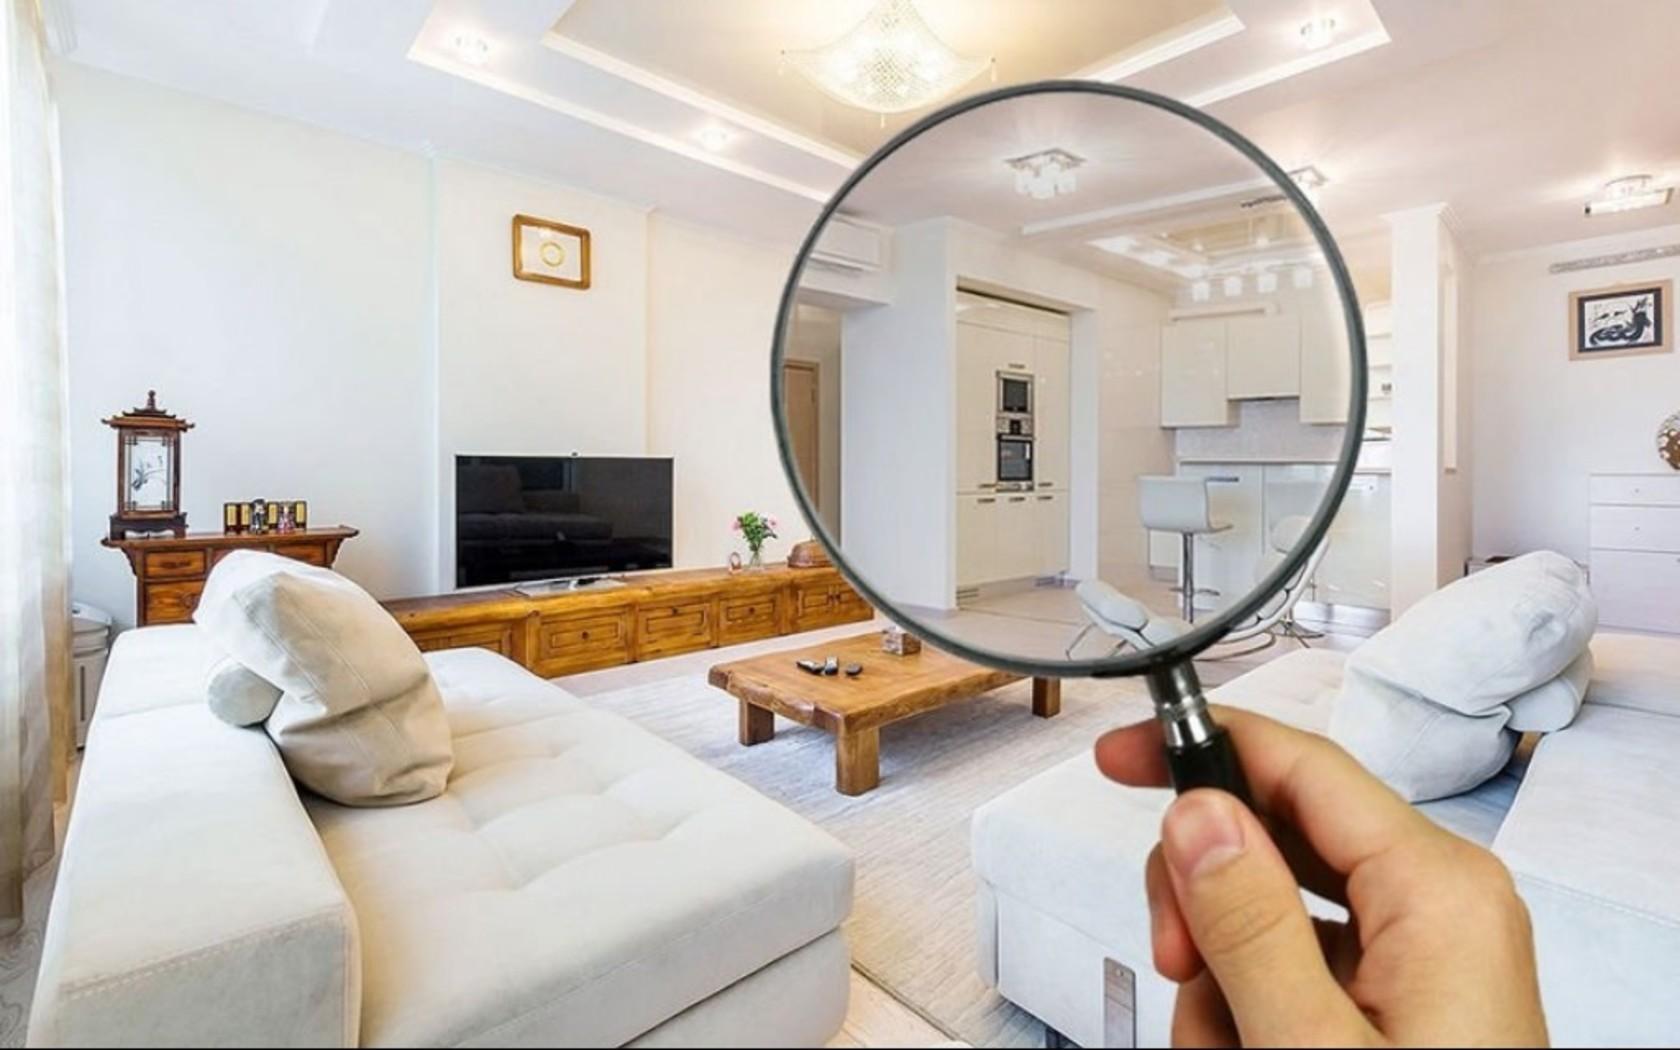 Как подготовить недвижимость к продаже? Узнайте 4 простых шага!